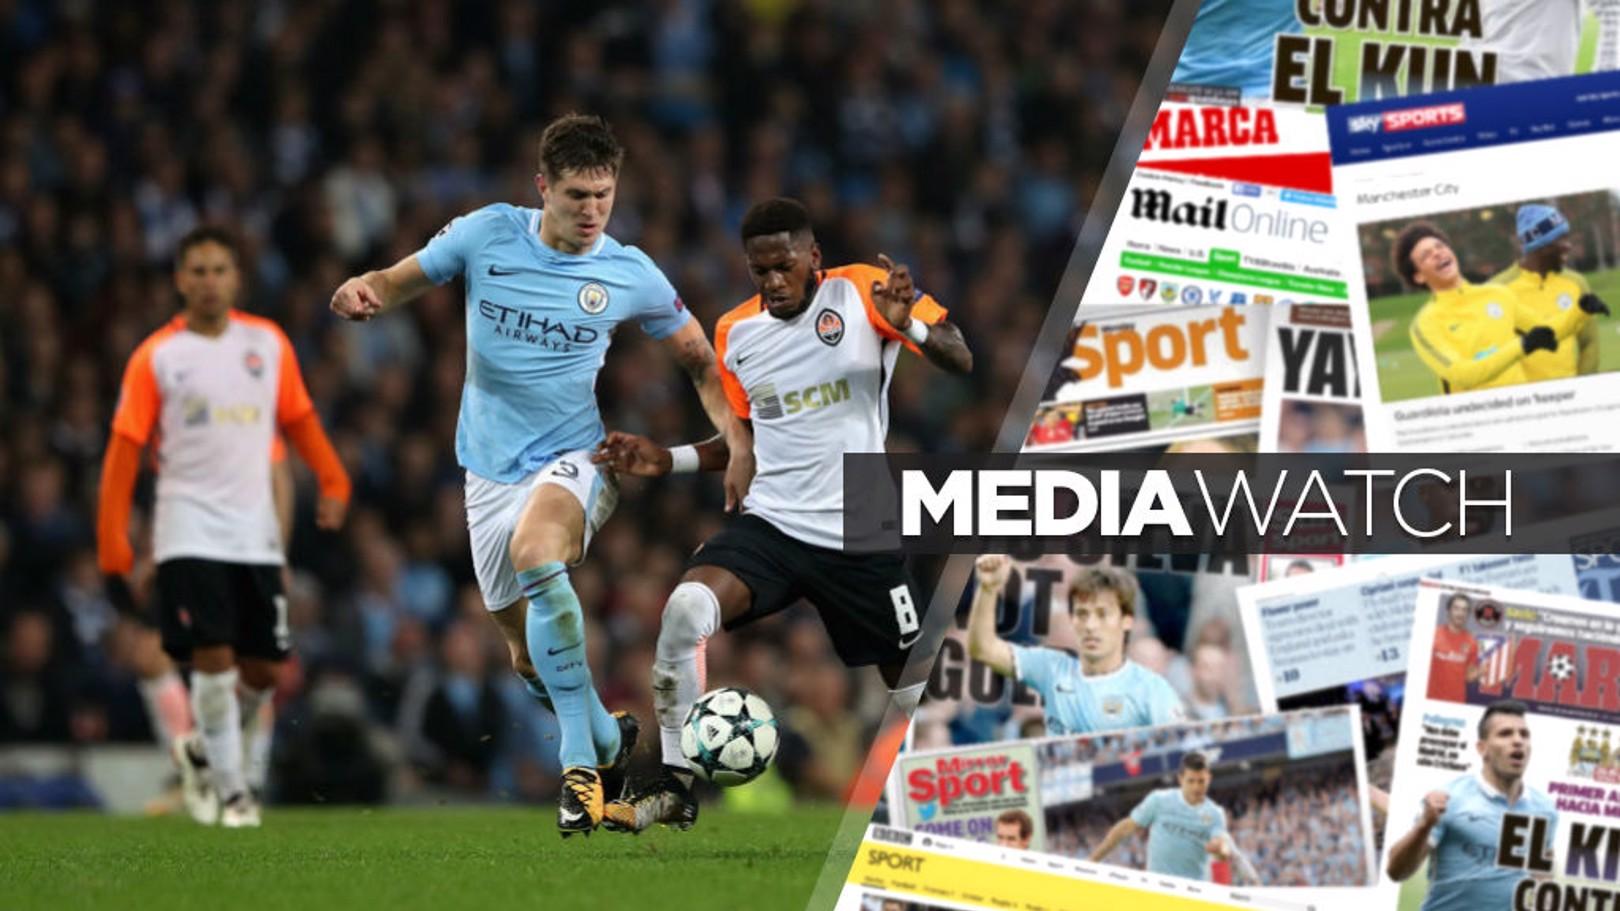 جولة مع أخبار مانشستر سيتي في صحافة اليوم.